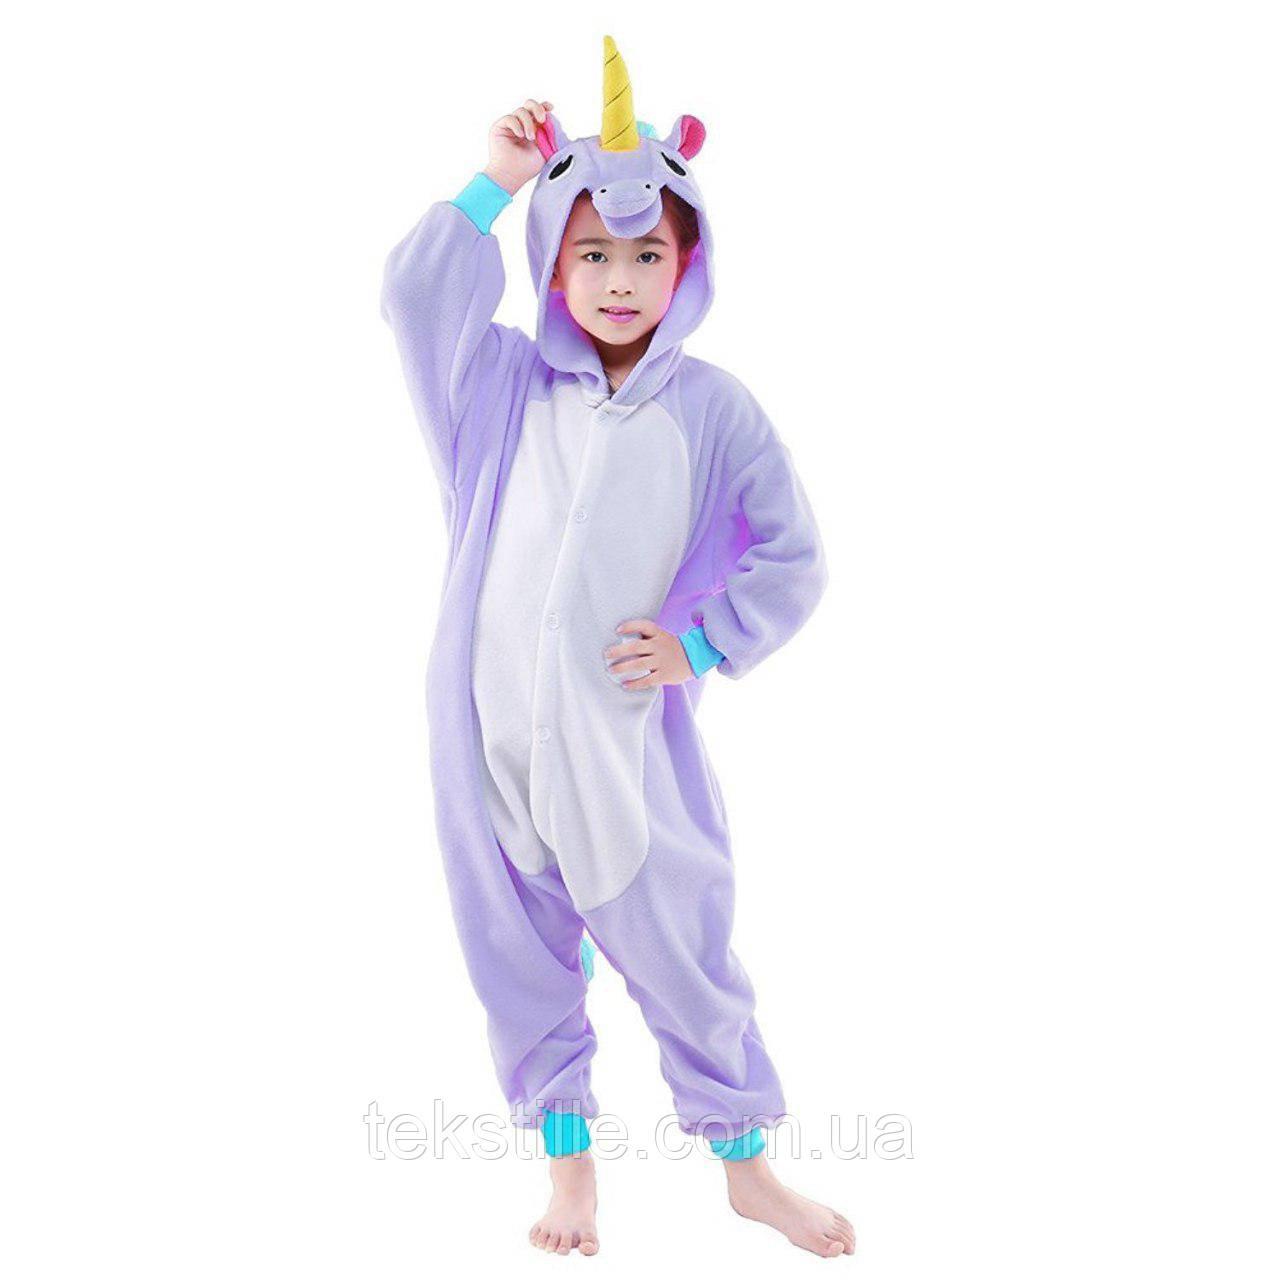 Детская Пижама Кигуруми Единорог фиолетовый 10882